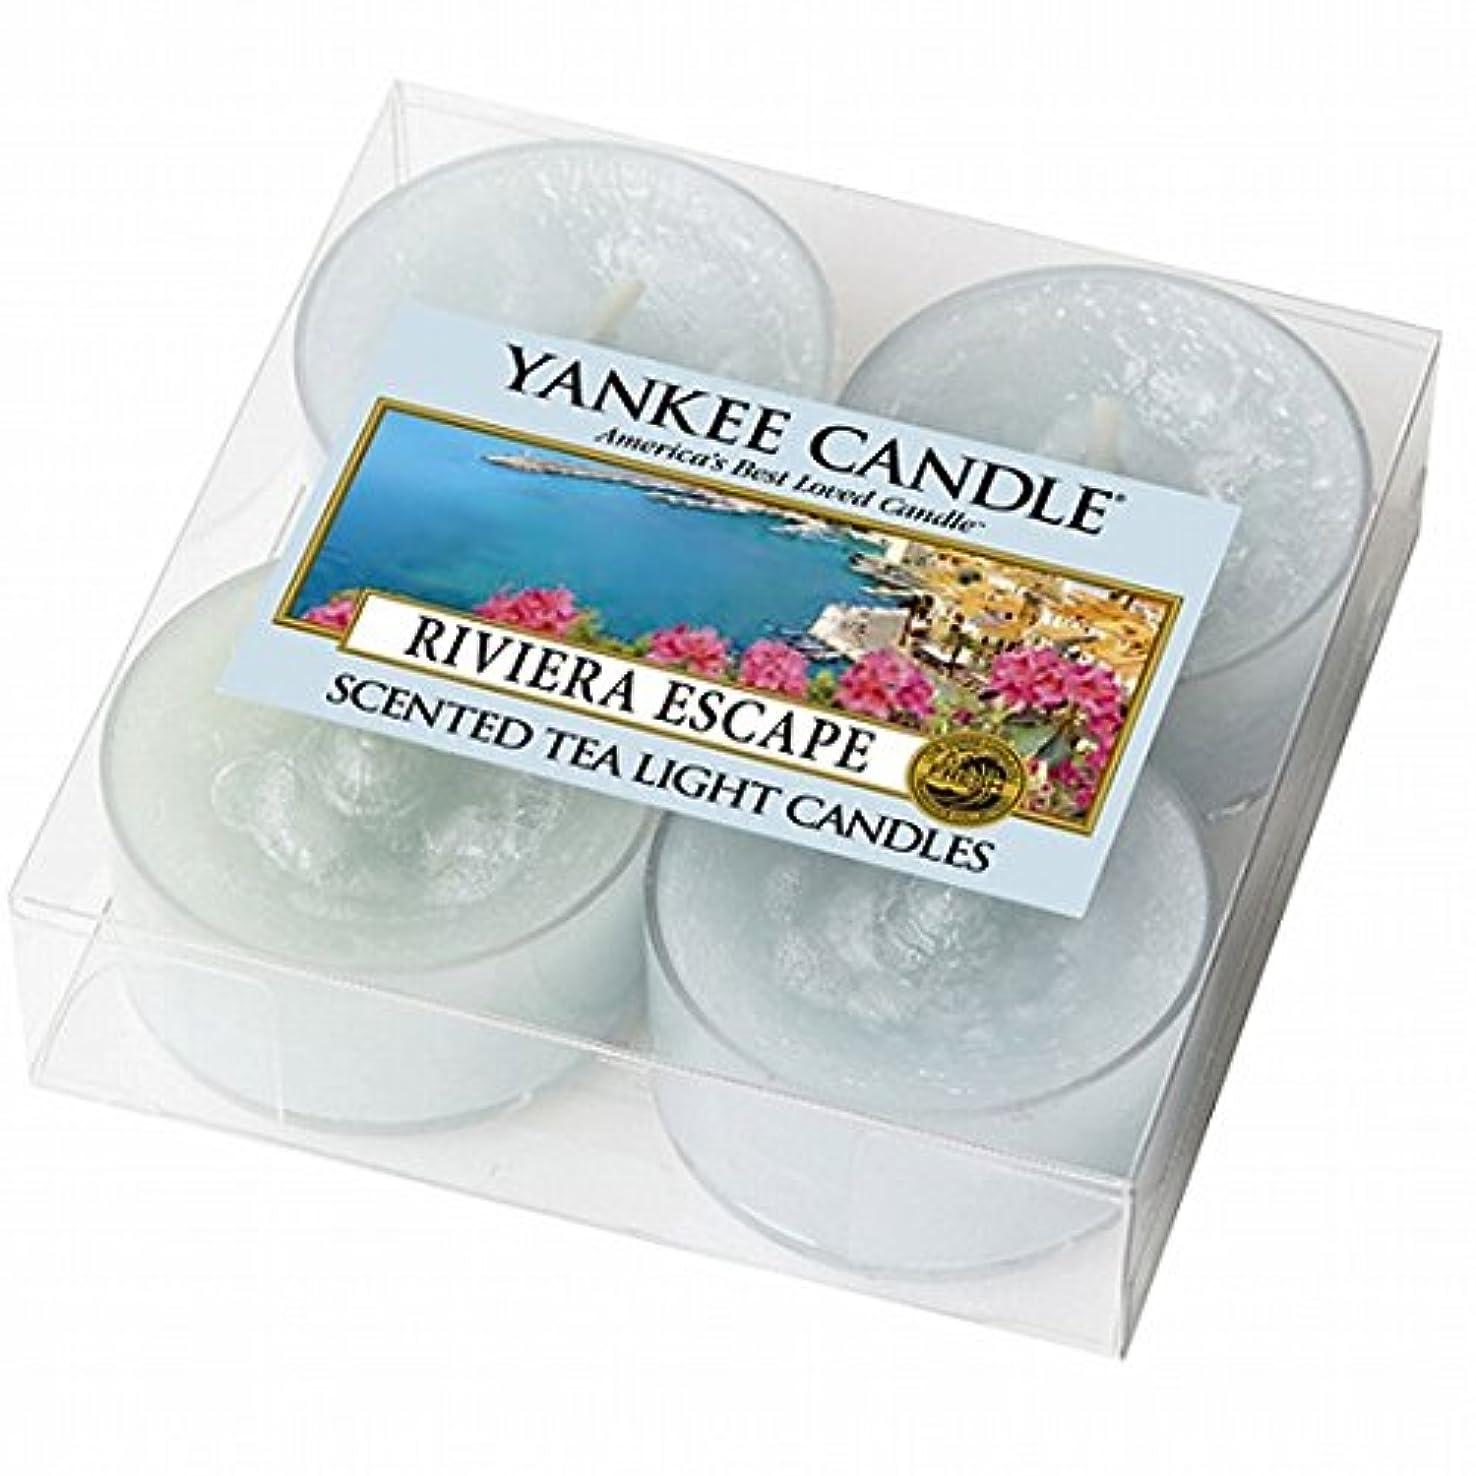 ロック解除立ち向かう遠足ヤンキーキャンドル( YANKEE CANDLE ) YANKEE CANDLE クリアカップティーライト4個入り 「リビエラエスケープ」